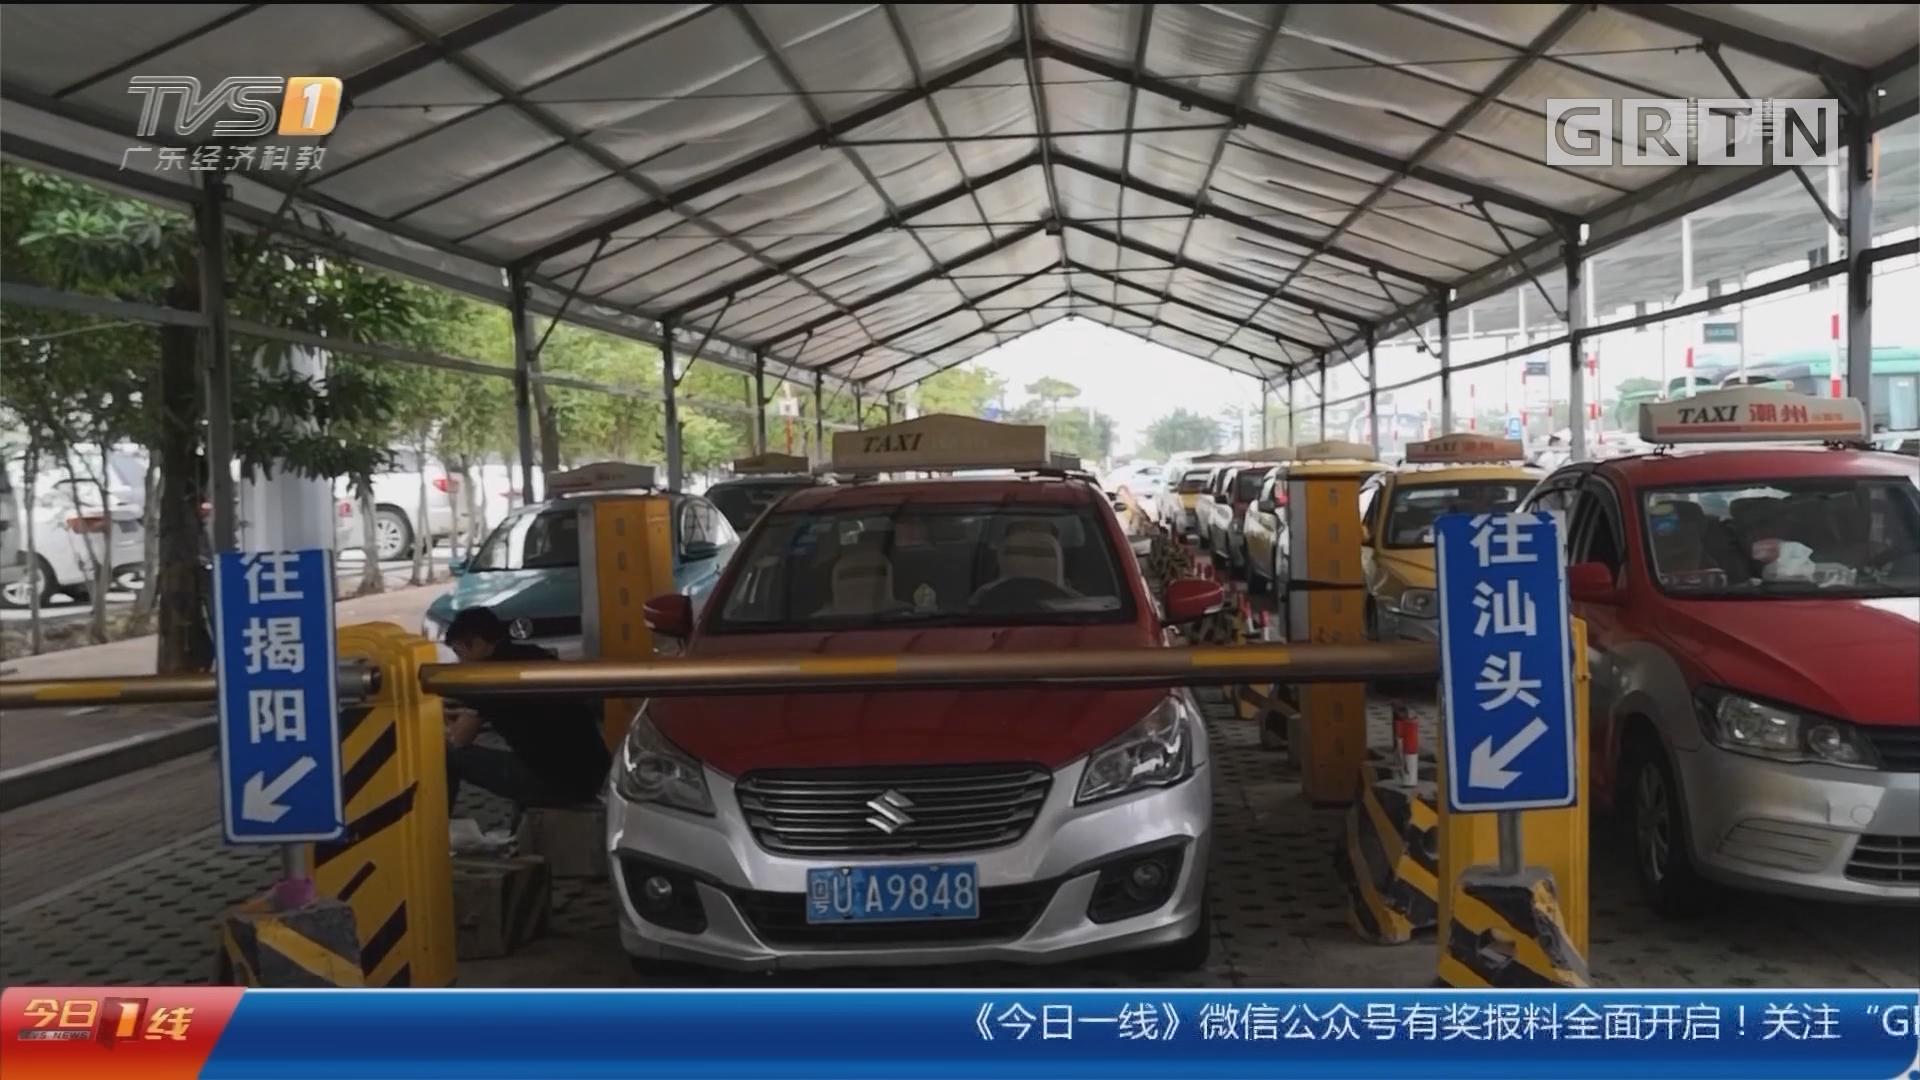 潮州潮安:众的哥围殴滴滴司机?官方澄清说明